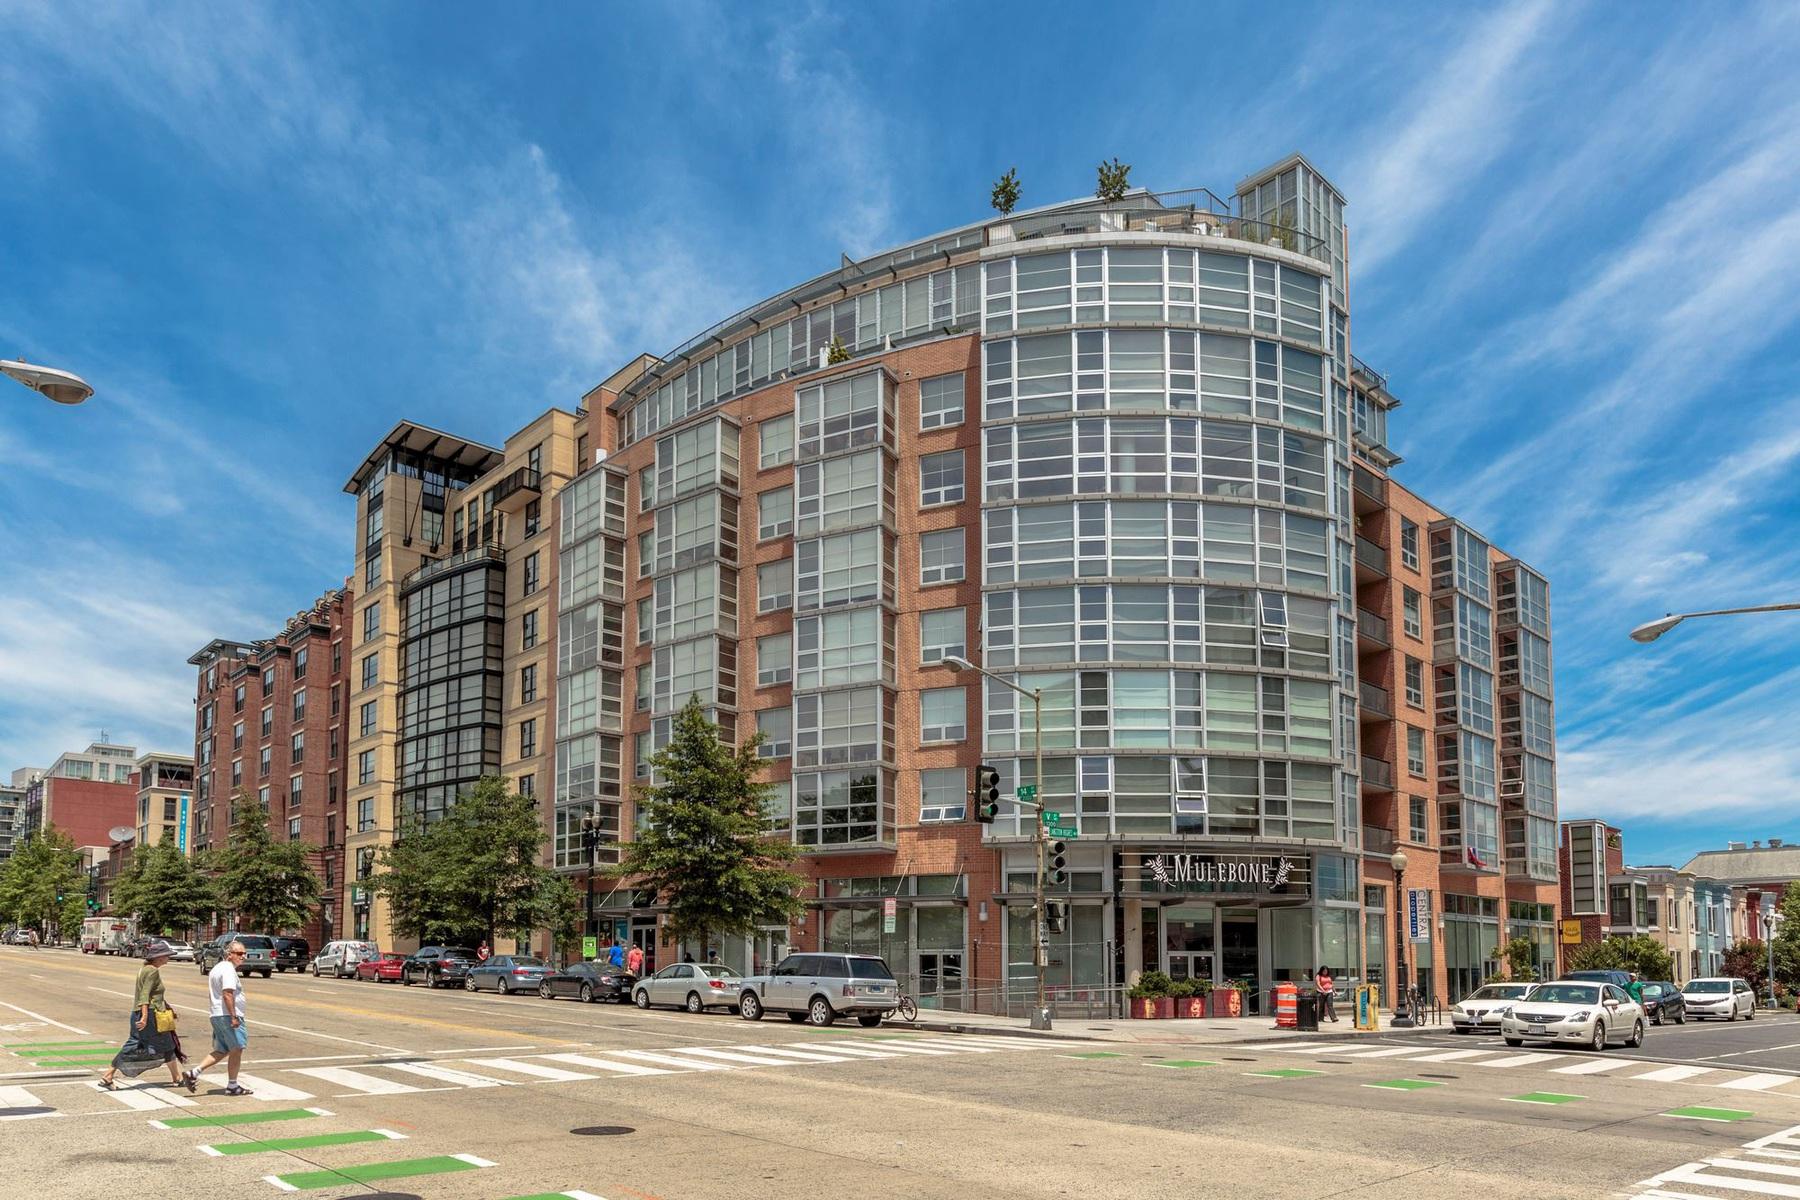 共管式独立产权公寓 为 销售 在 2125 14th Street Nw 317, Washington 华盛顿市, 哥伦比亚特区, 20009 美国